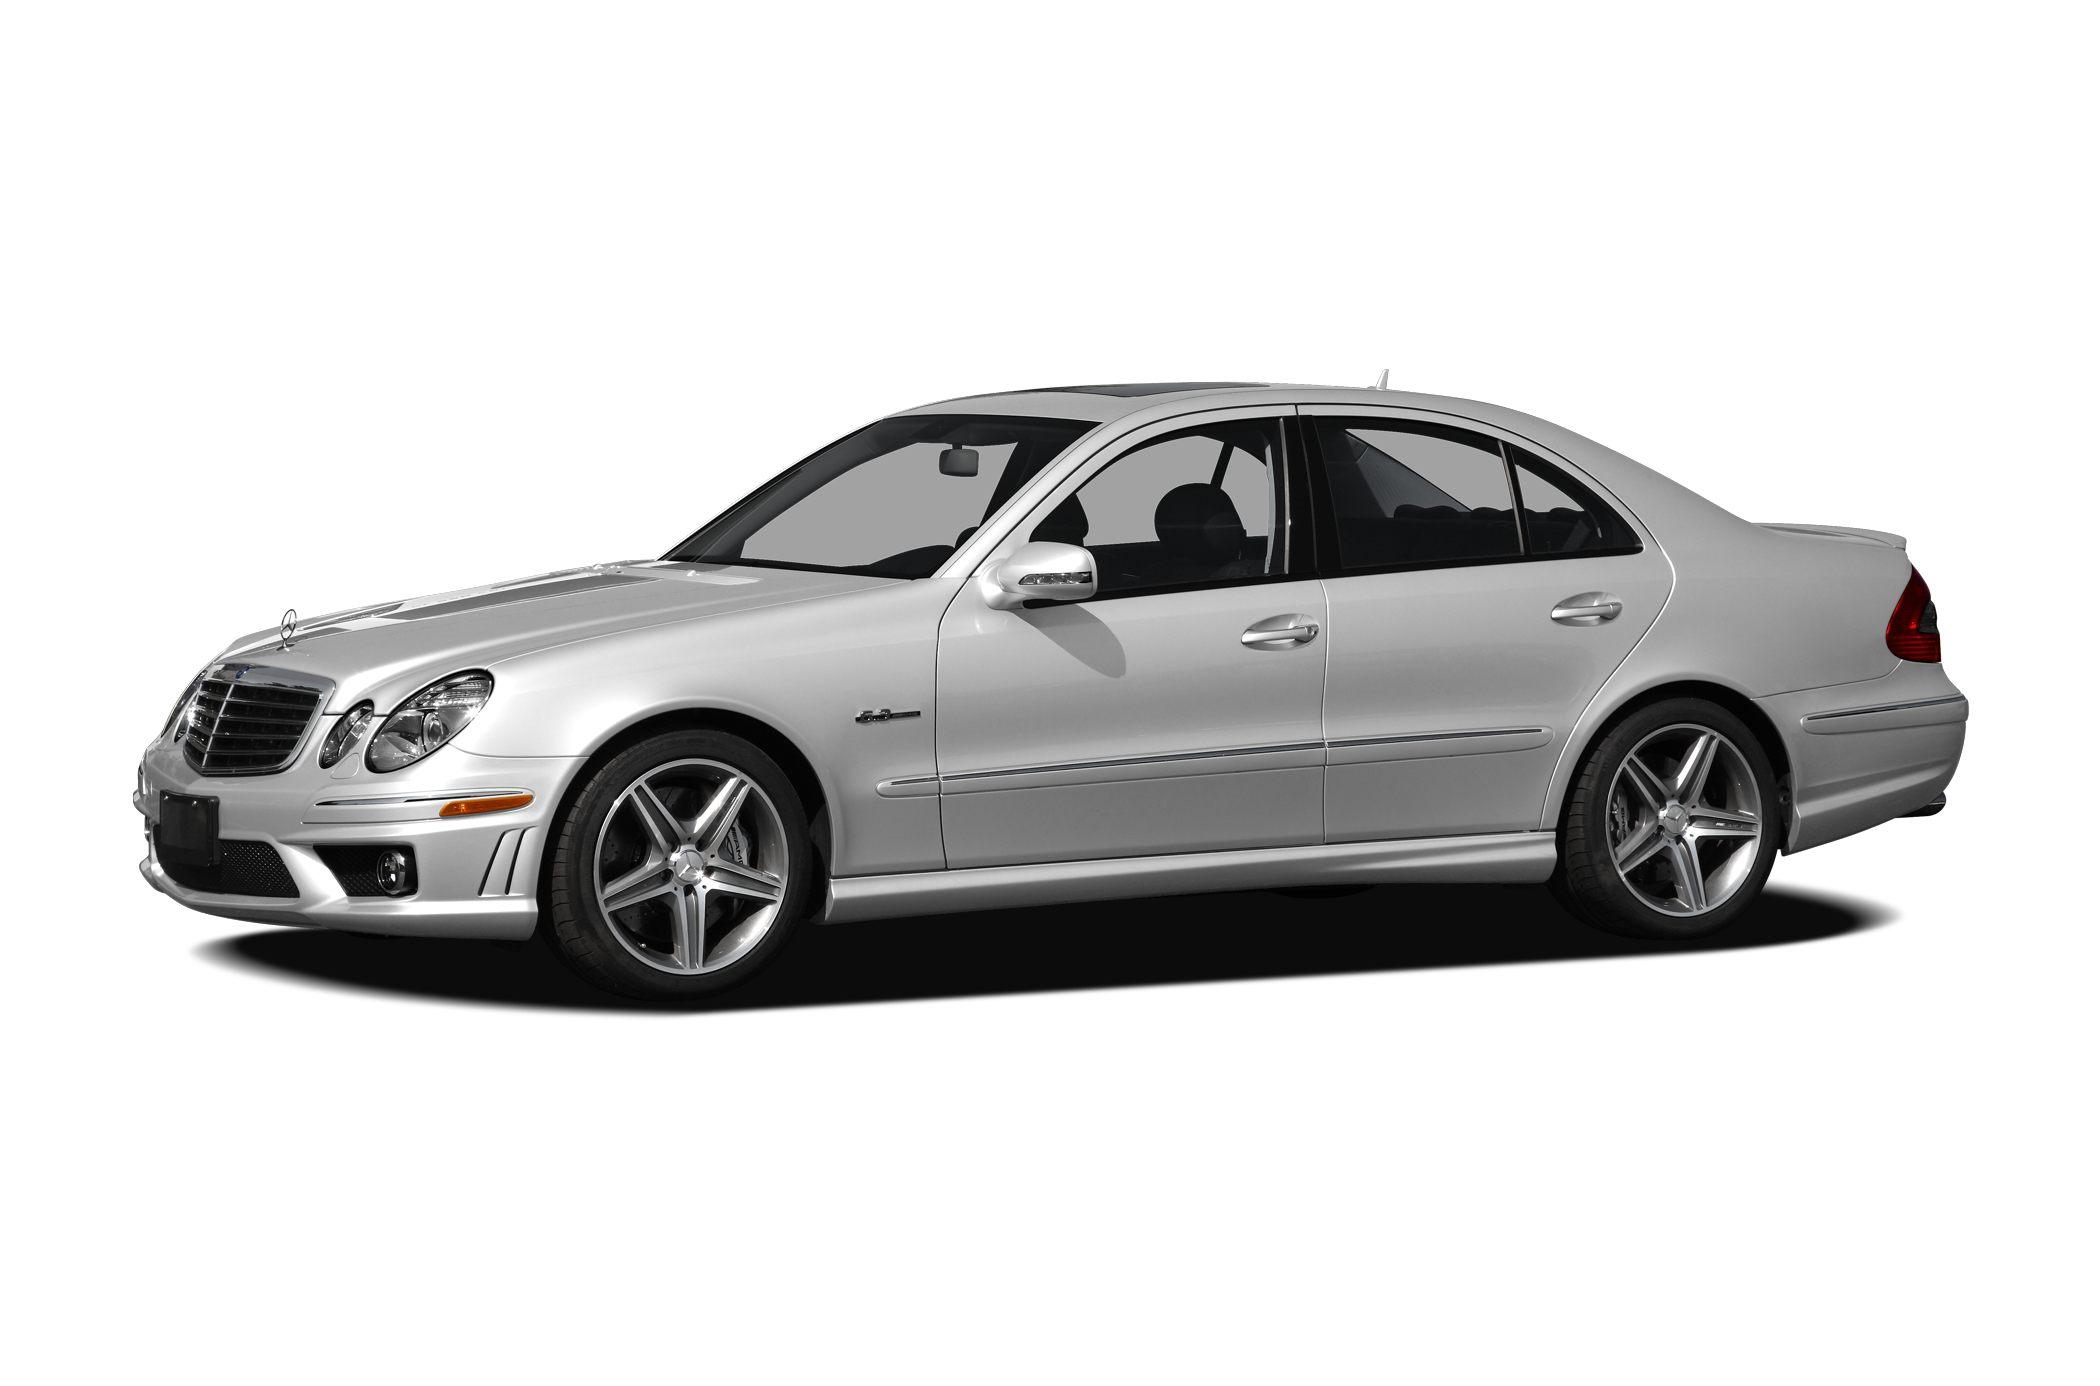 2009 Mercedes Benz E Class Base E 63 AMG 4dr Rear wheel Drive Sedan